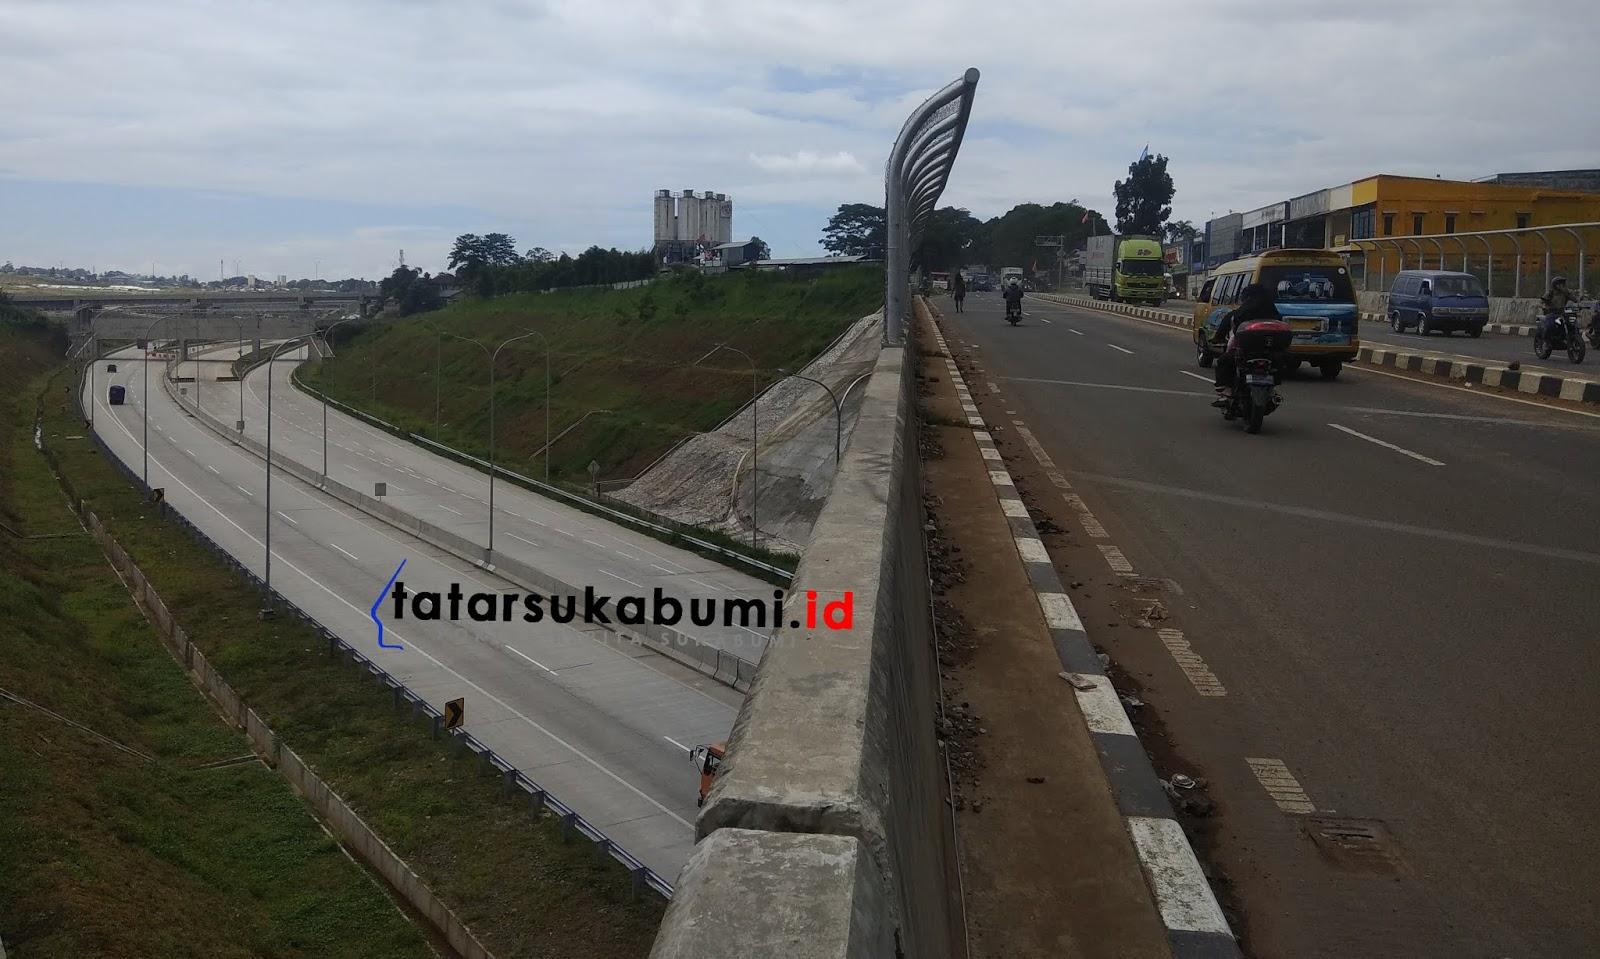 PT Trans Jabar Tol Bahas Penggeseran Jembatan Overpass Tol Bocimi Sesi Cigombong - Cibadak